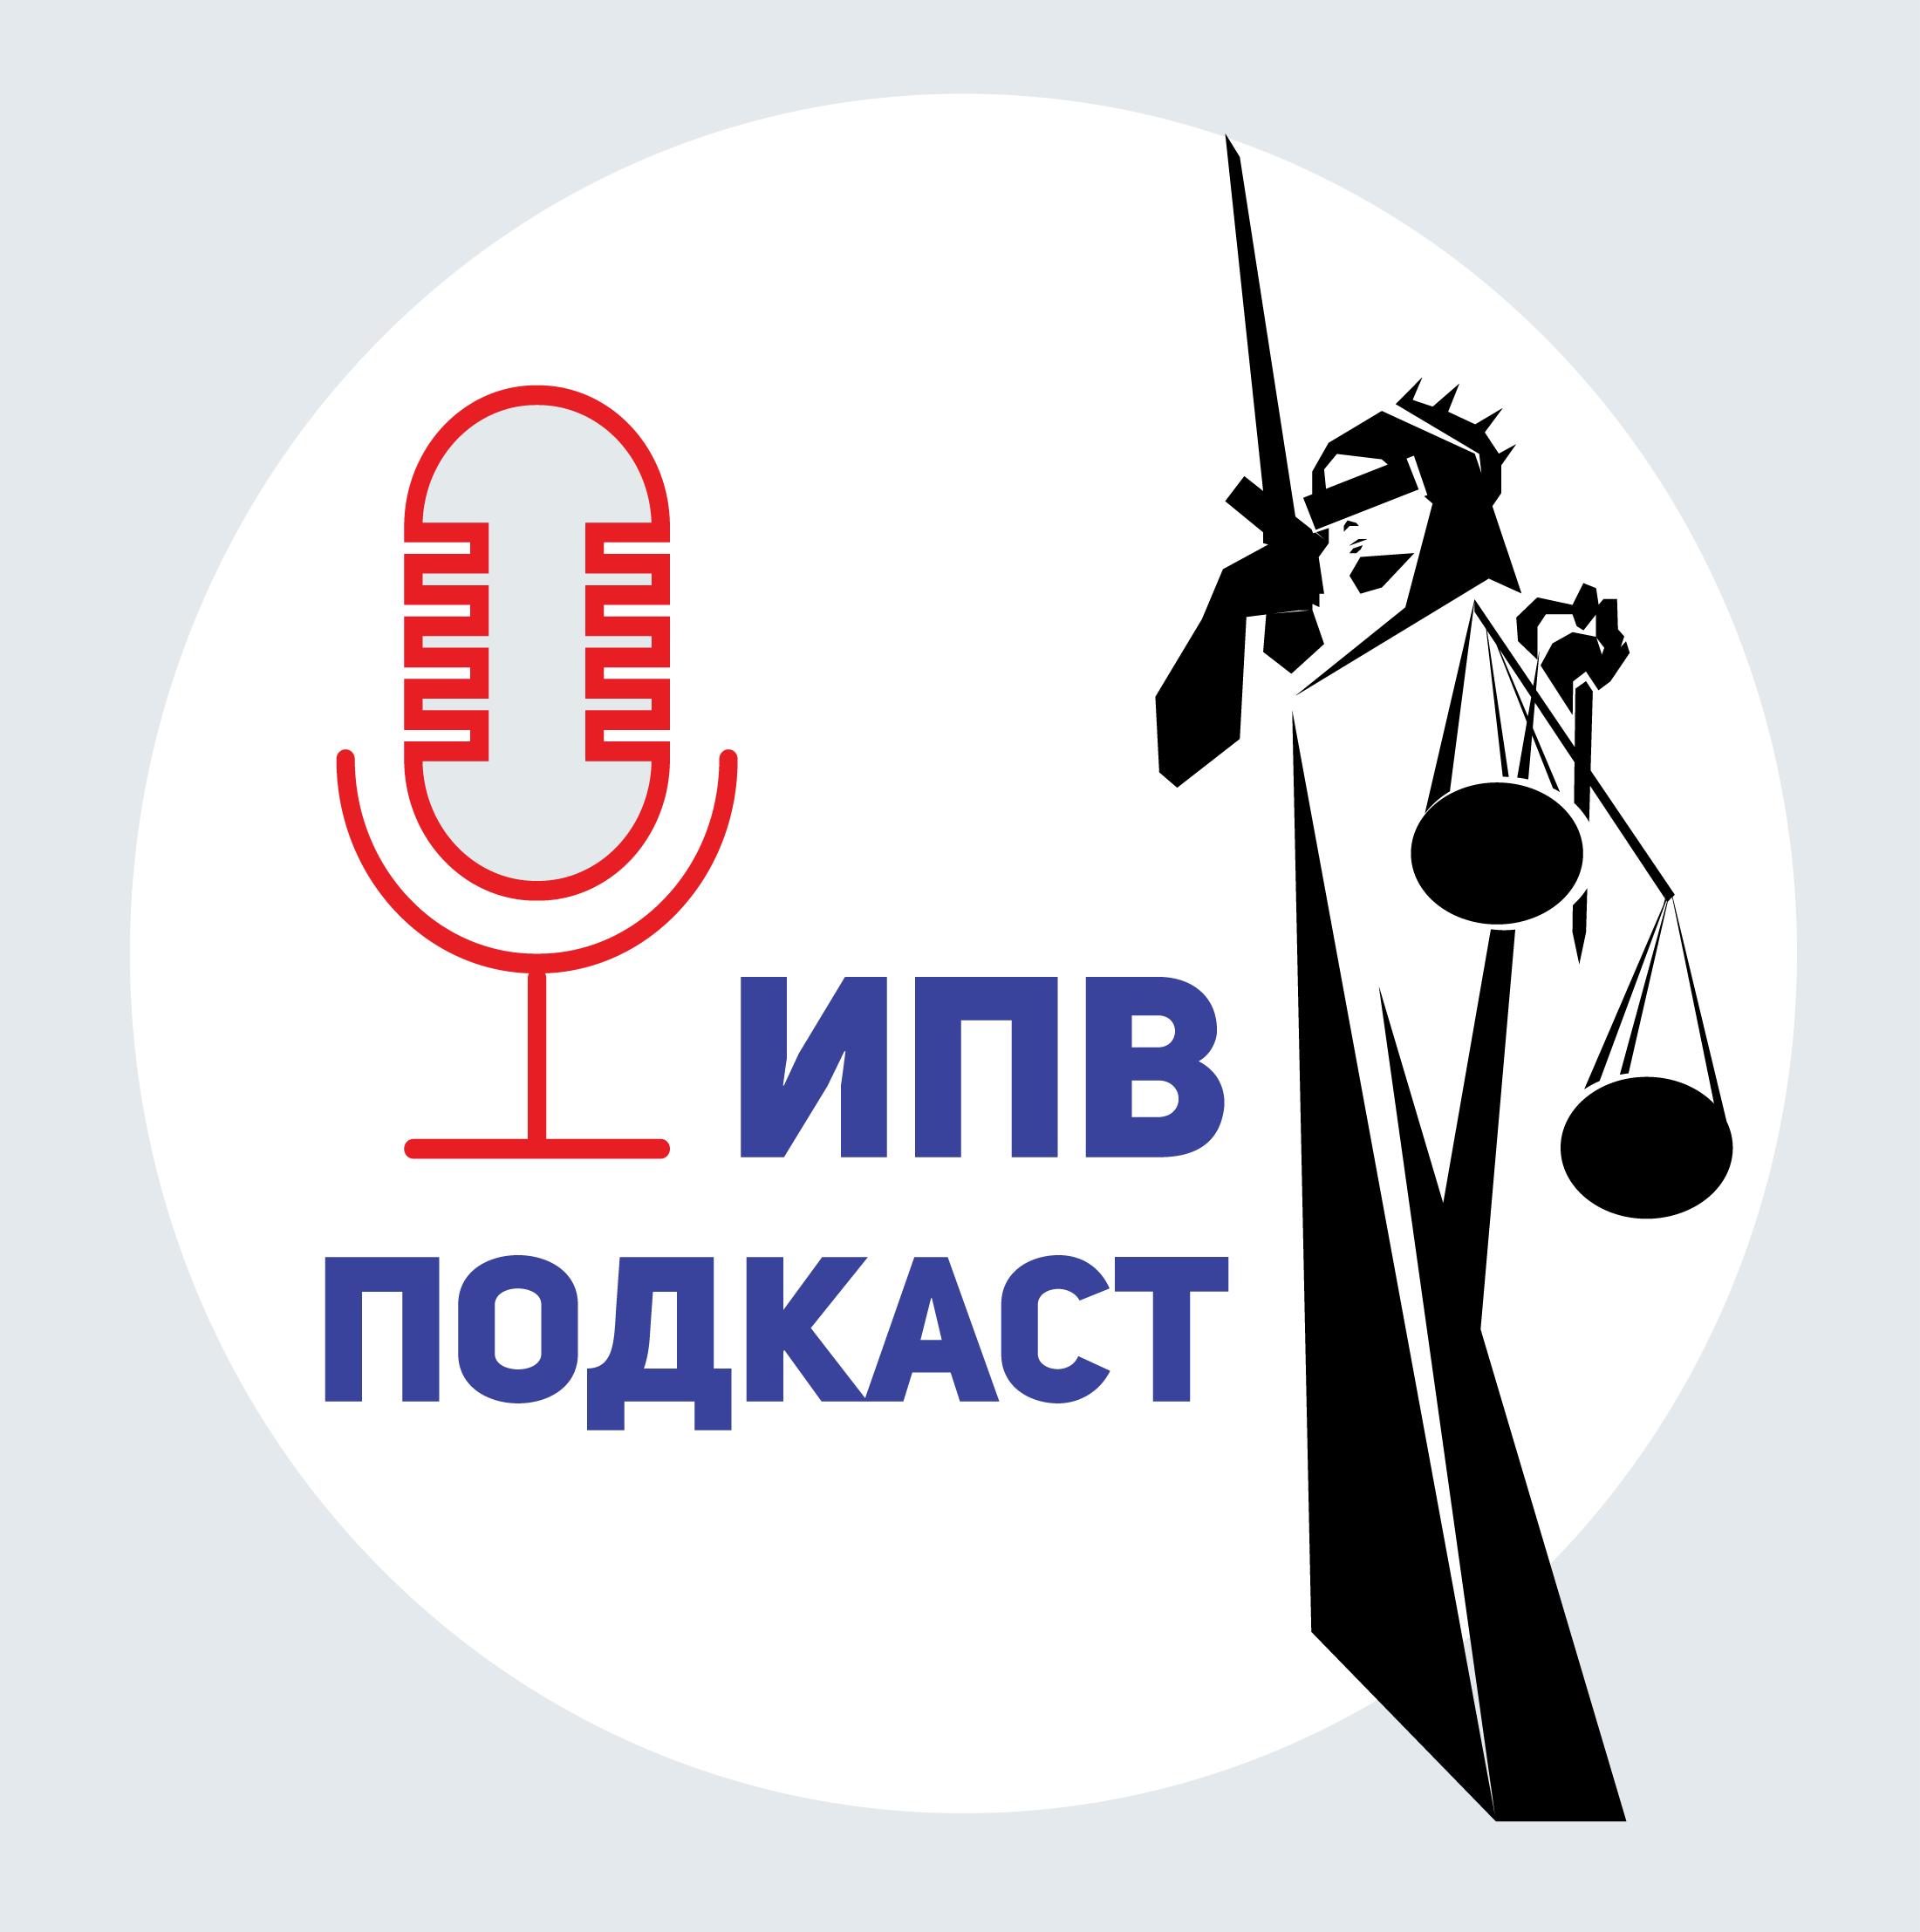 Изслушване на главният прокурор в НС, прокуратурата иска по-малко изисквния за дейността си, няма кой да накаже ГДБОП